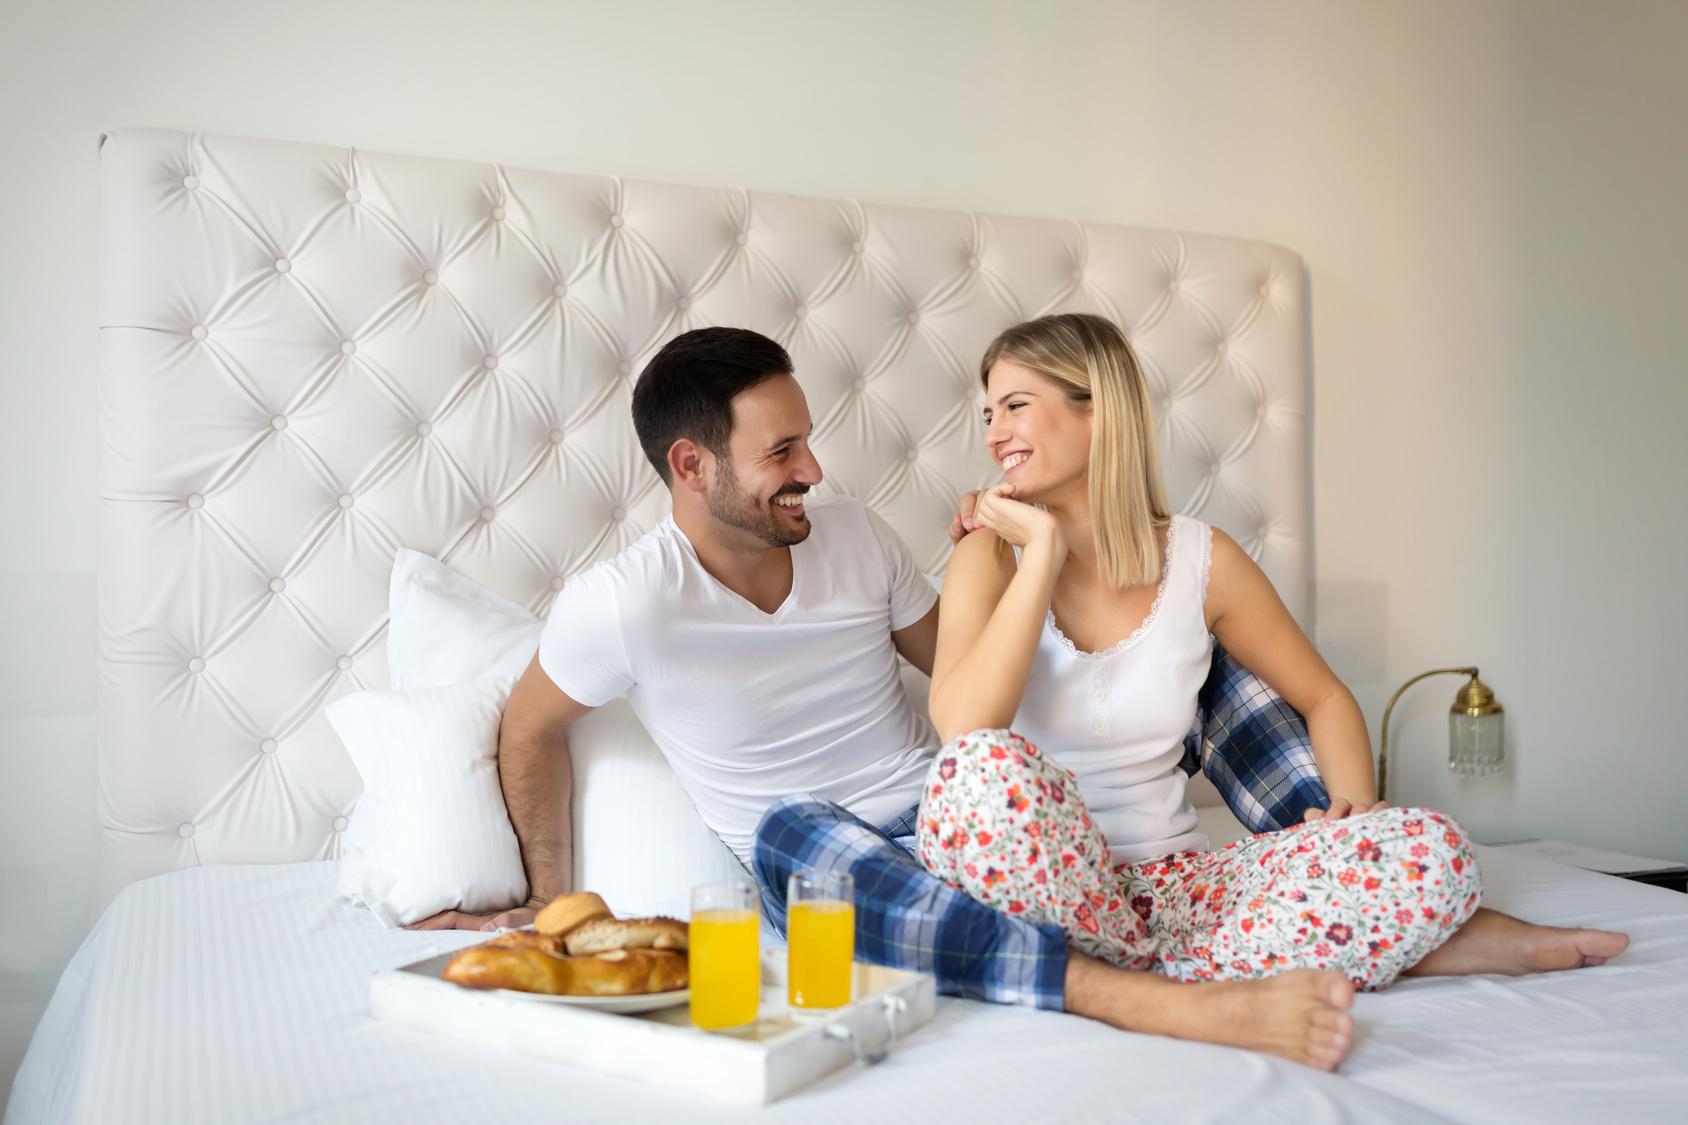 Młode małżeństwo na łóżku, młode małżeństwo podczas śniadania